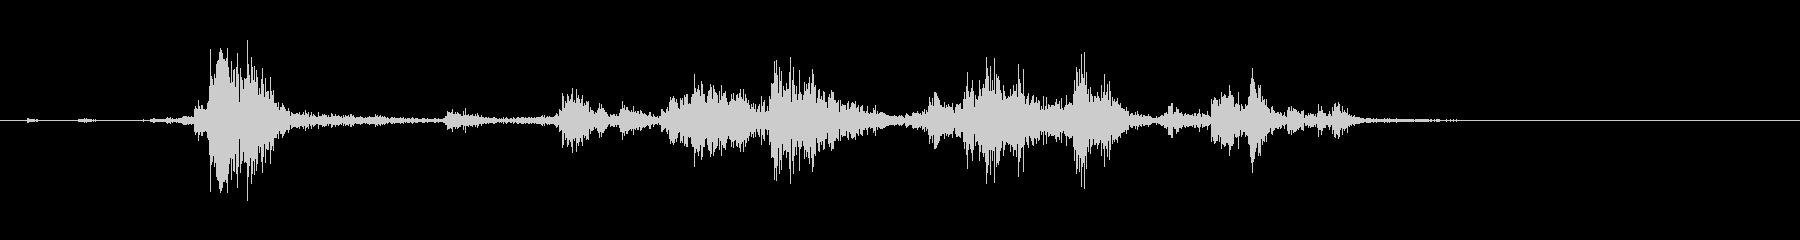 スプーンやフォークが擦れる音_01の未再生の波形